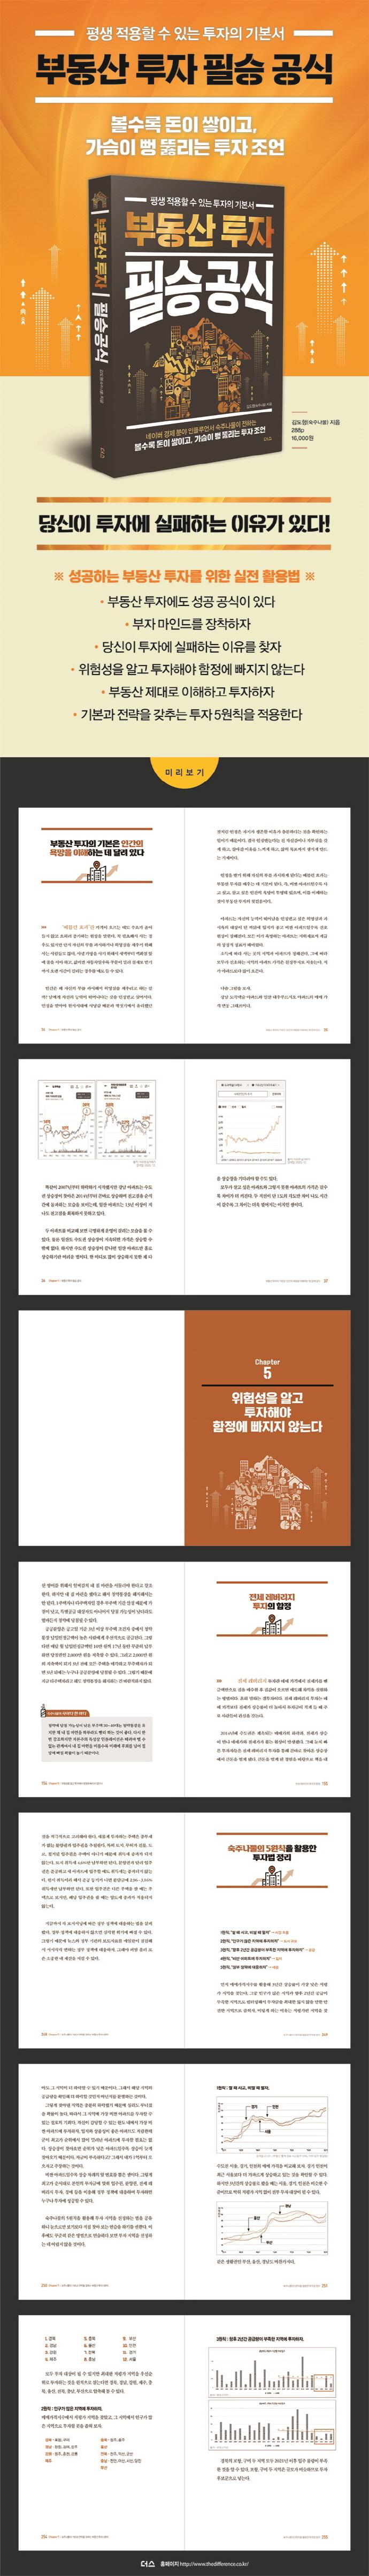 부동산 투자 필승 공식 도서 상세이미지